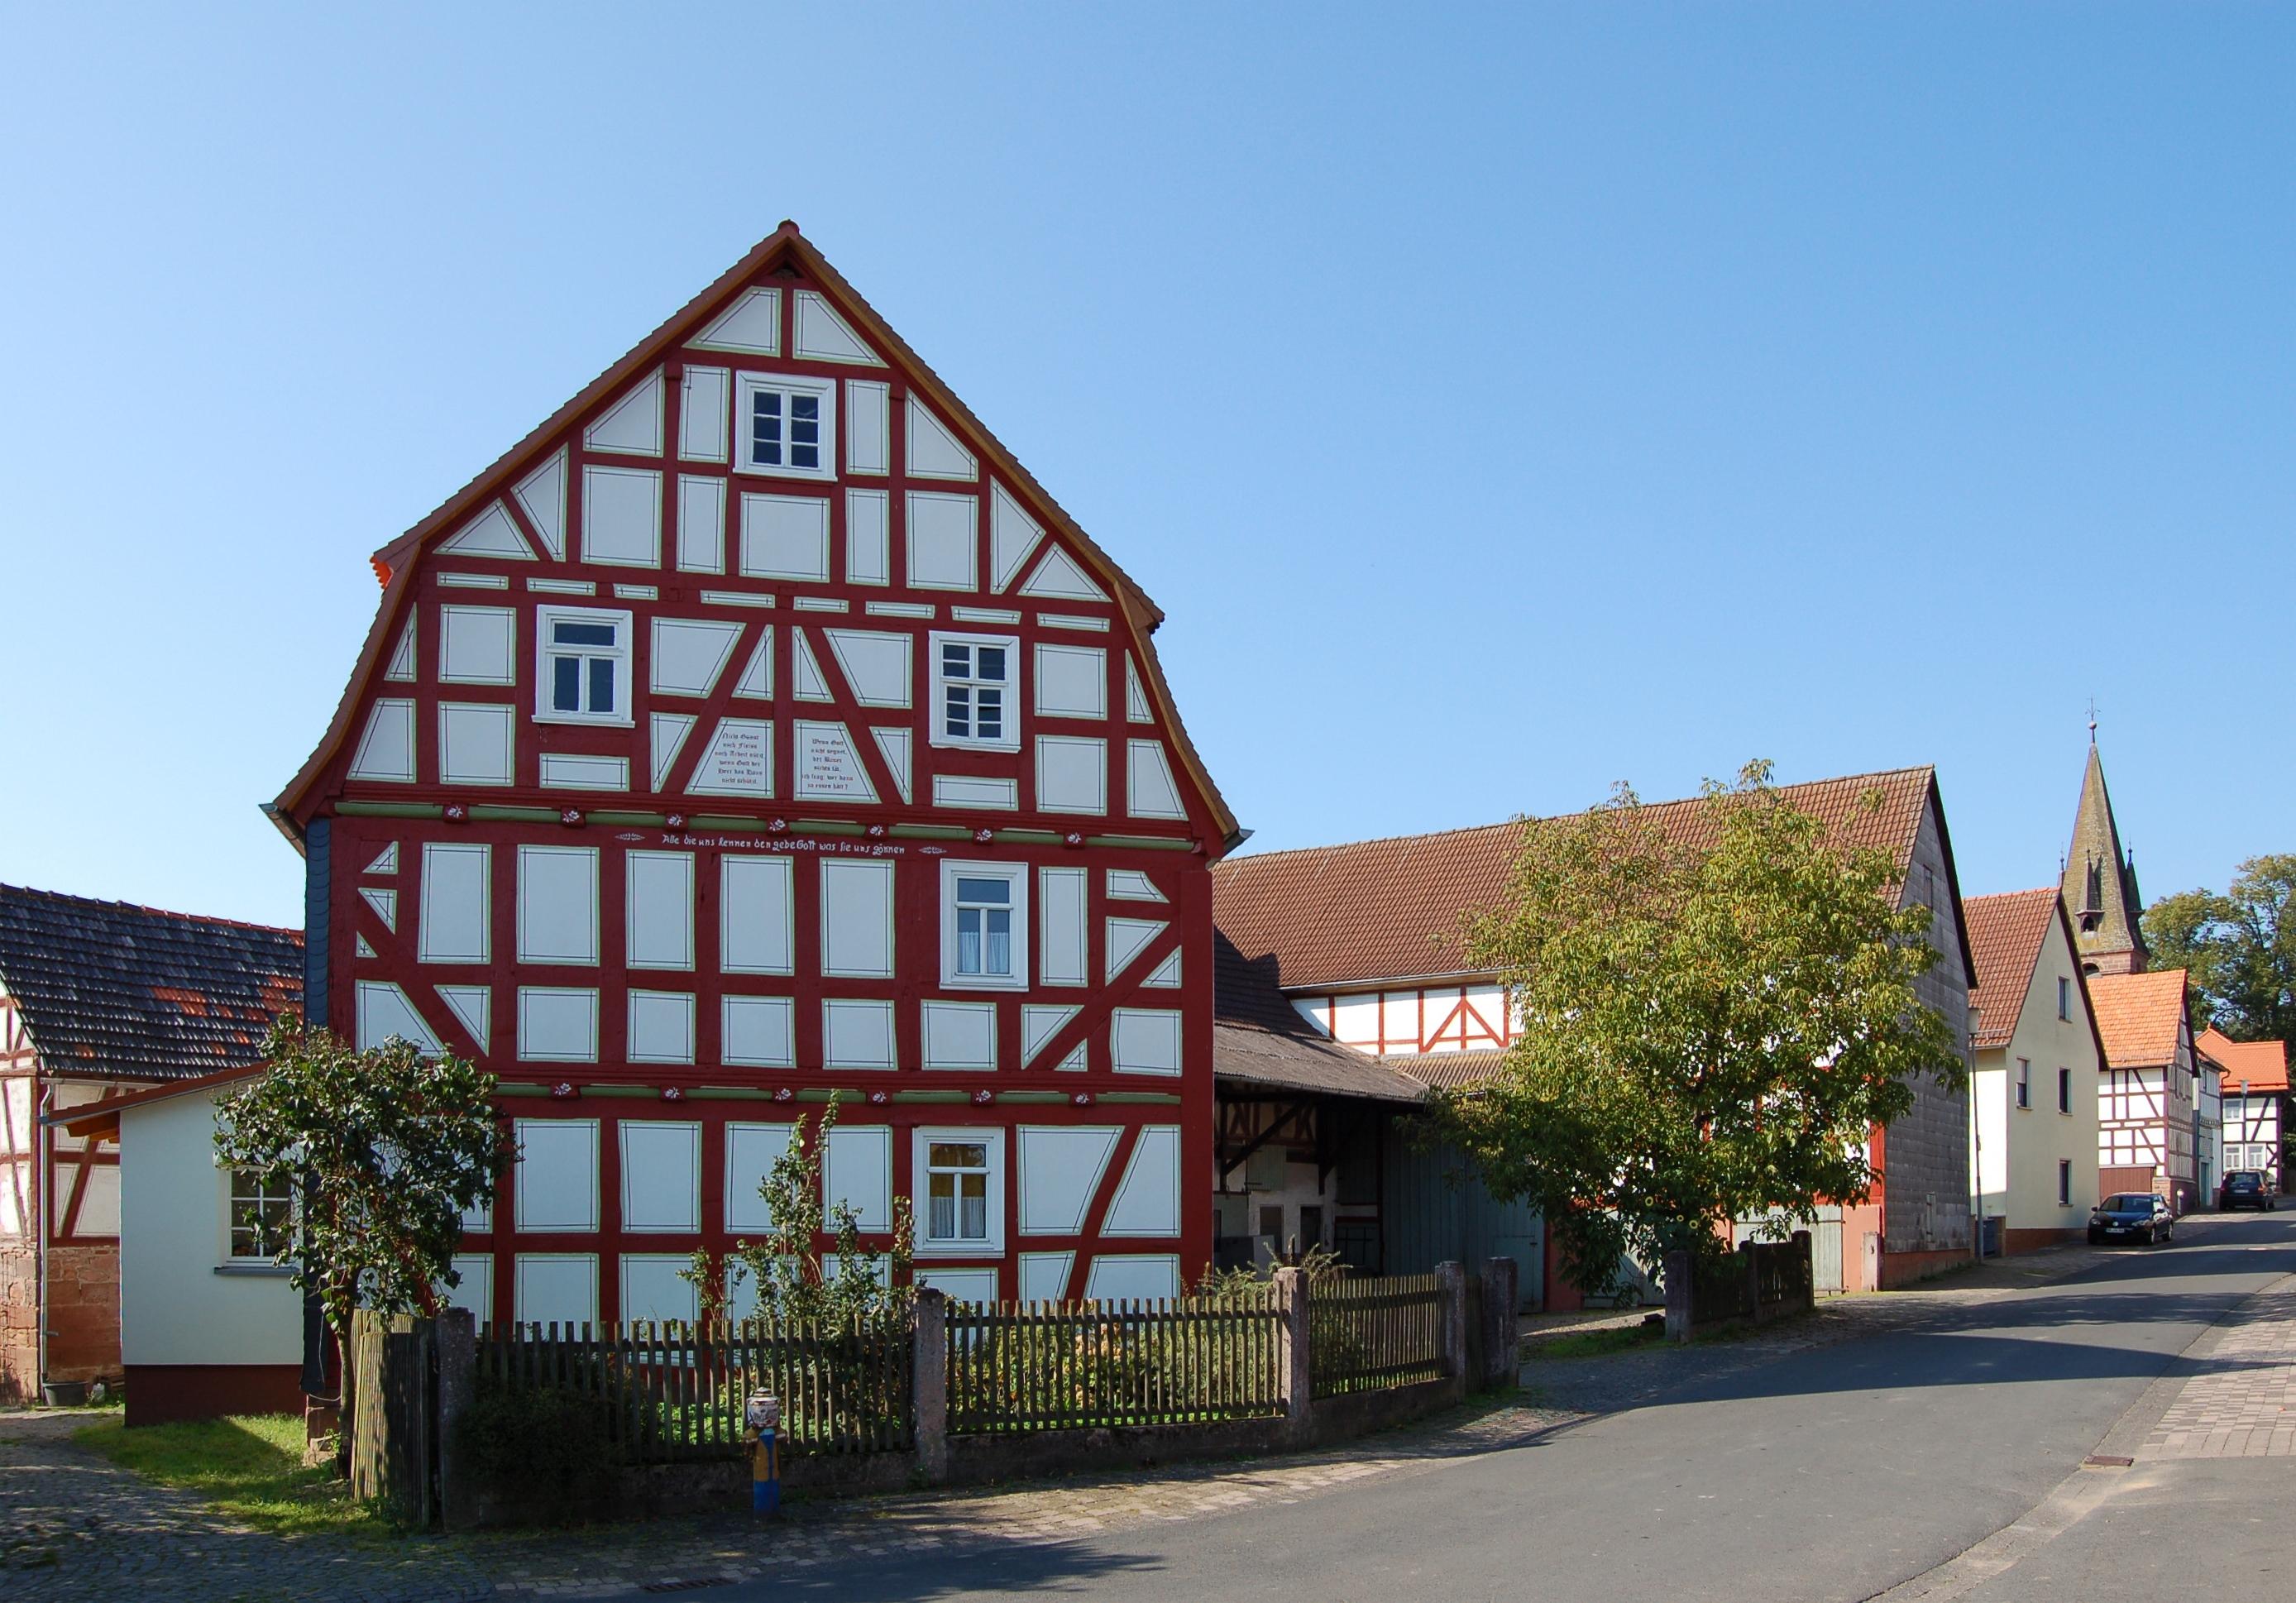 File:An der Linde 04 (Himmelsberg) I.jpg - Wikimedia Commons